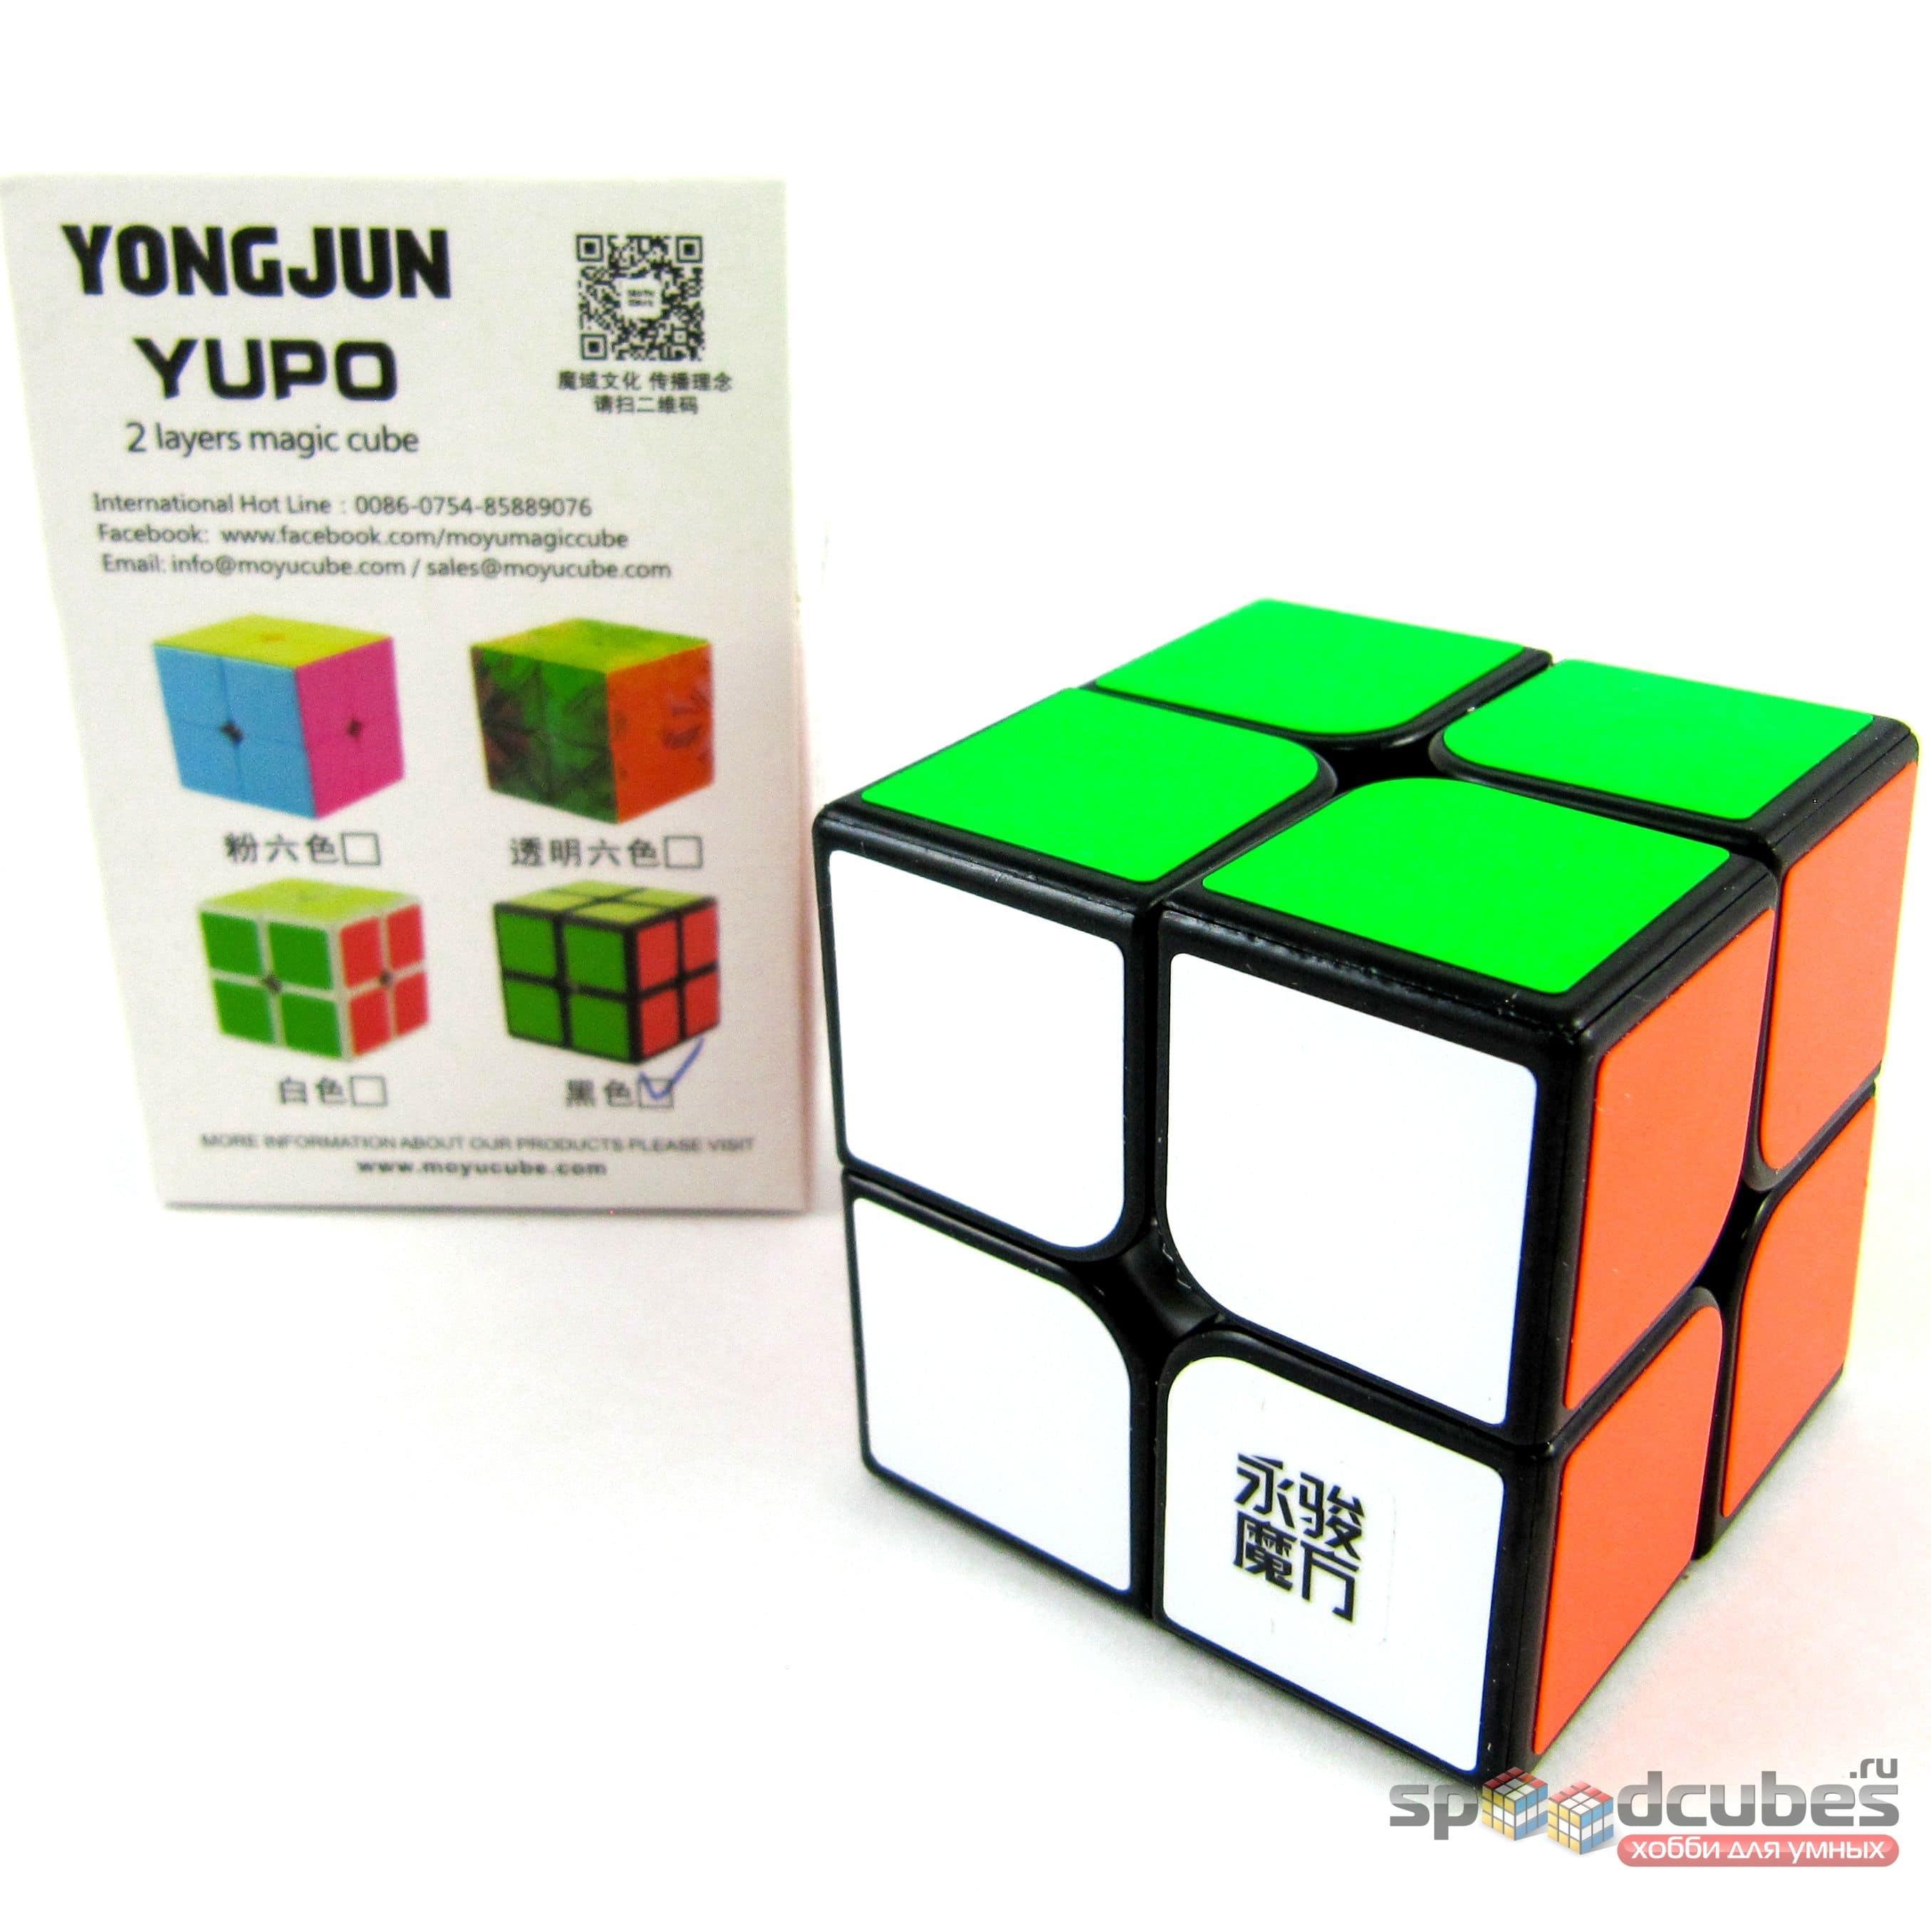 Moyu (yj) 2×2 Yupo 11